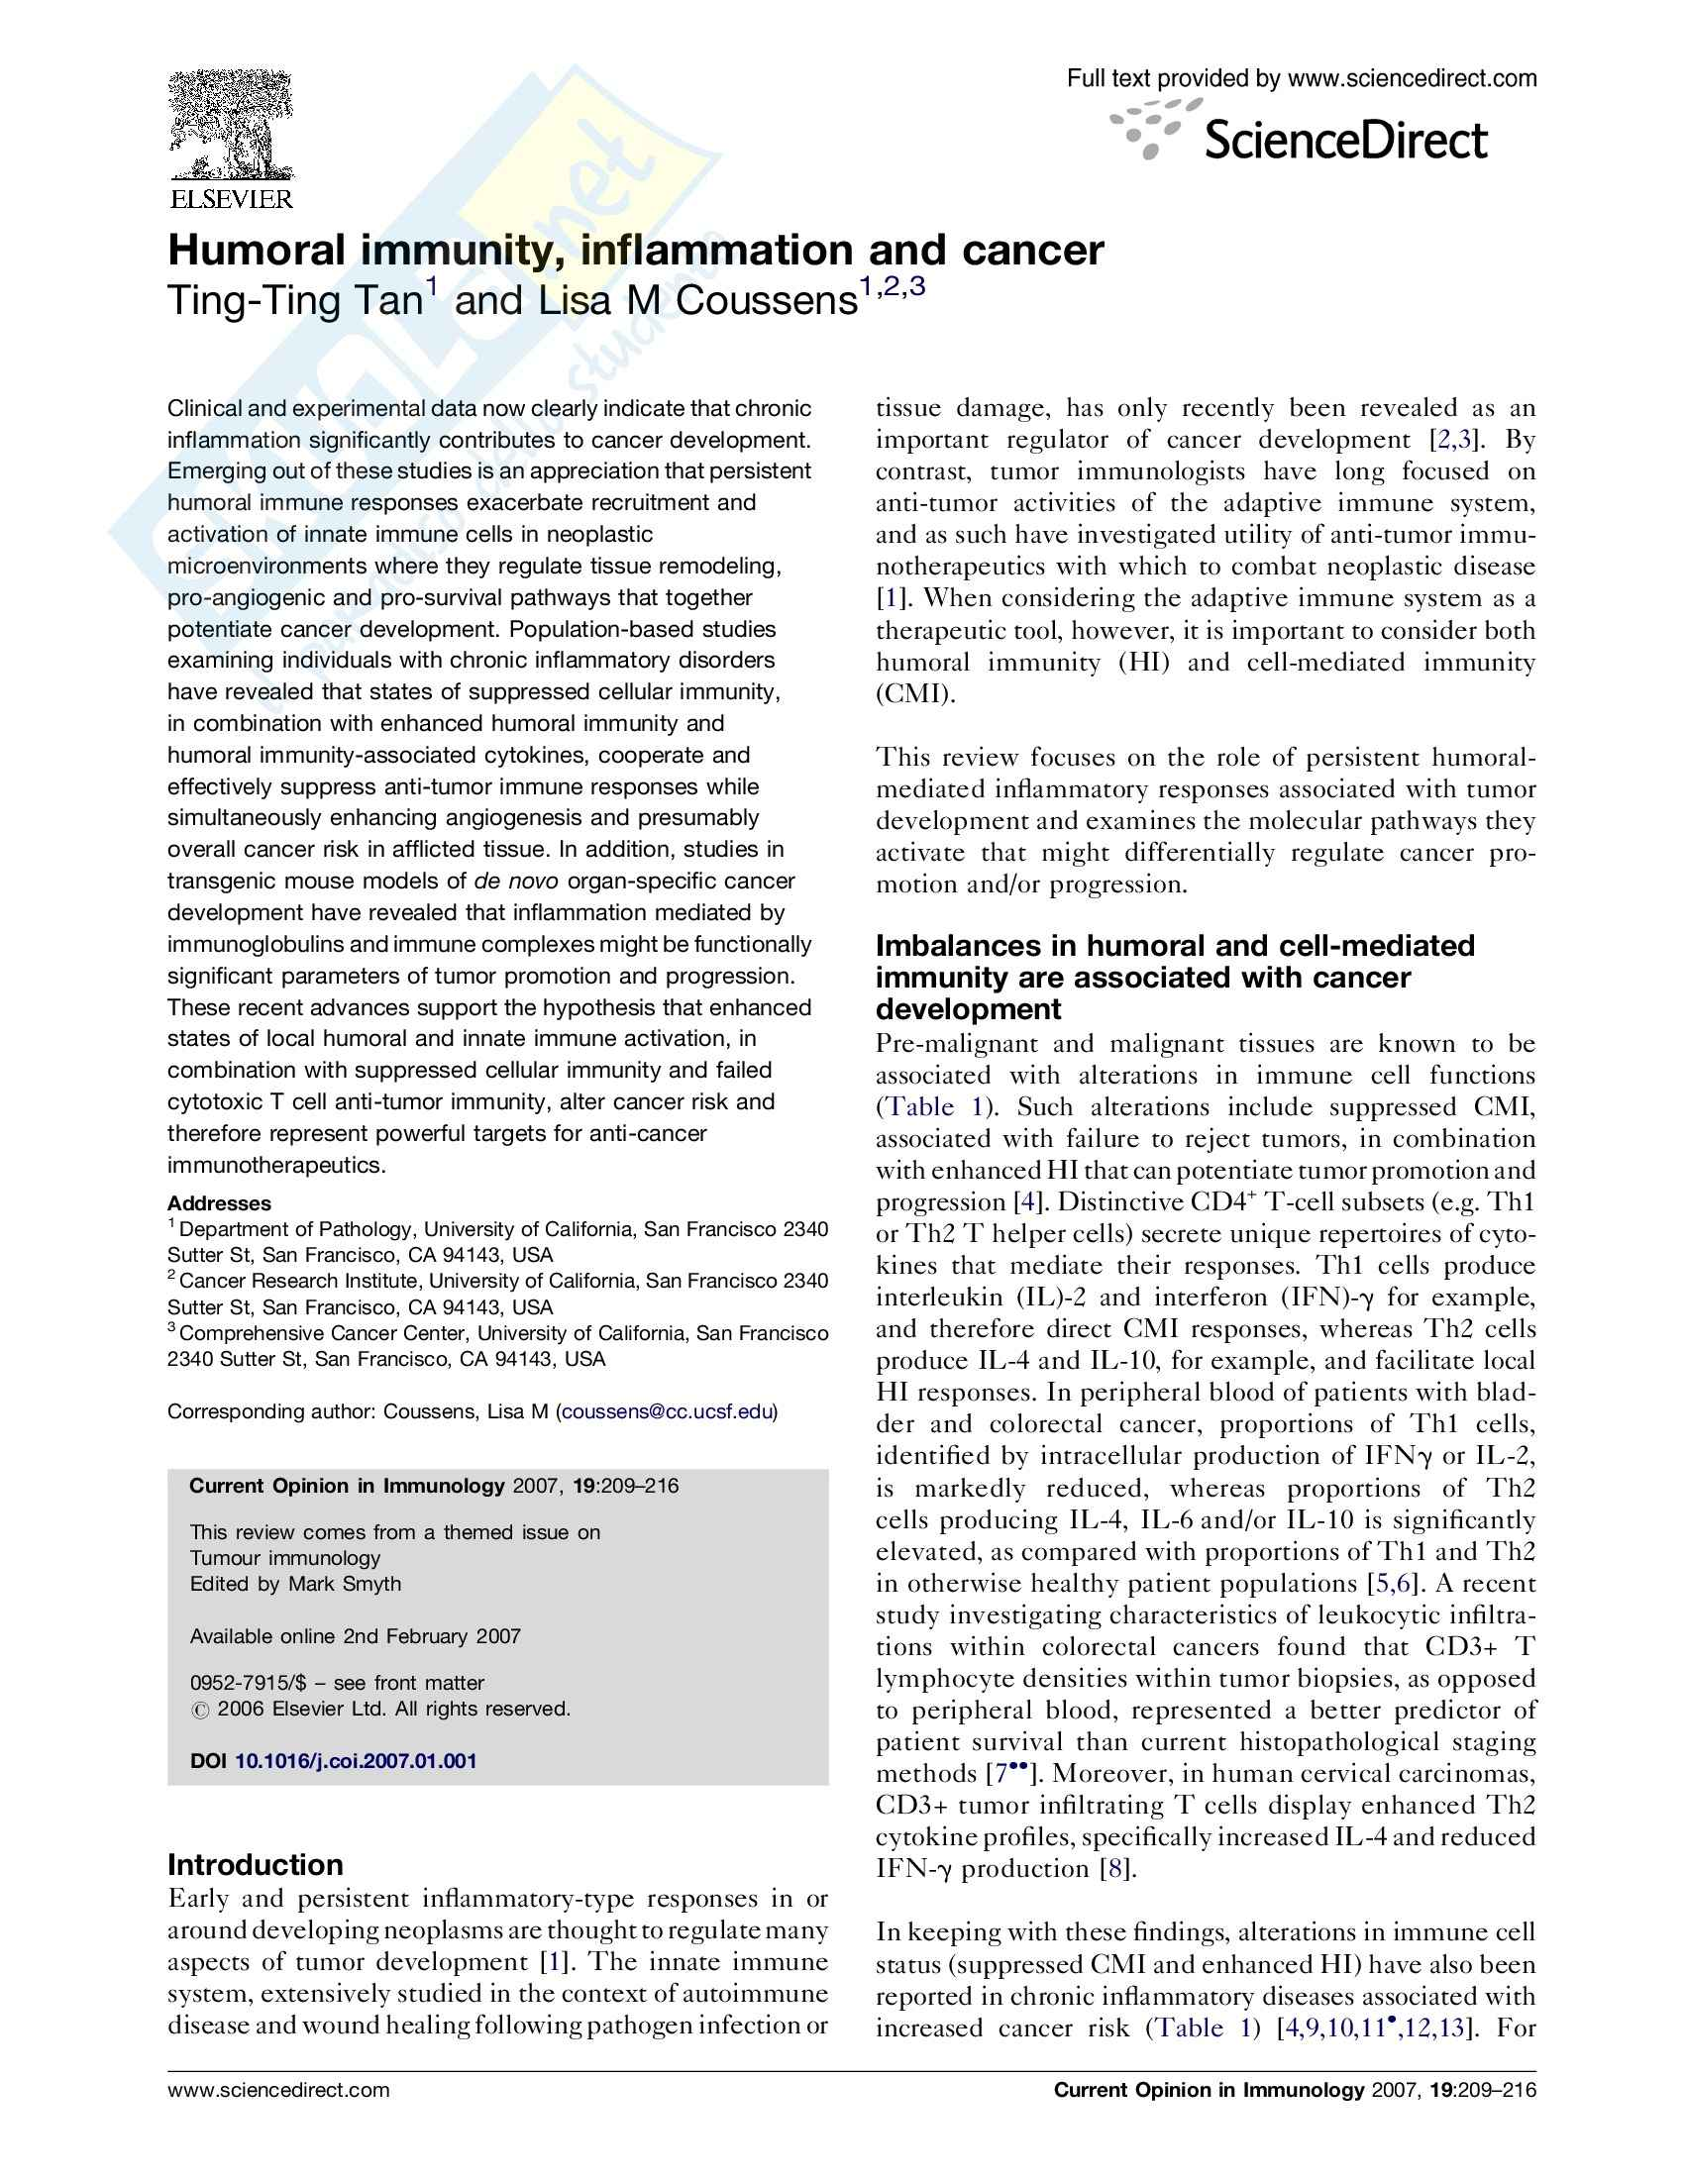 Patologia e fisiopatologia generale - infiammazione e tumori prima parte